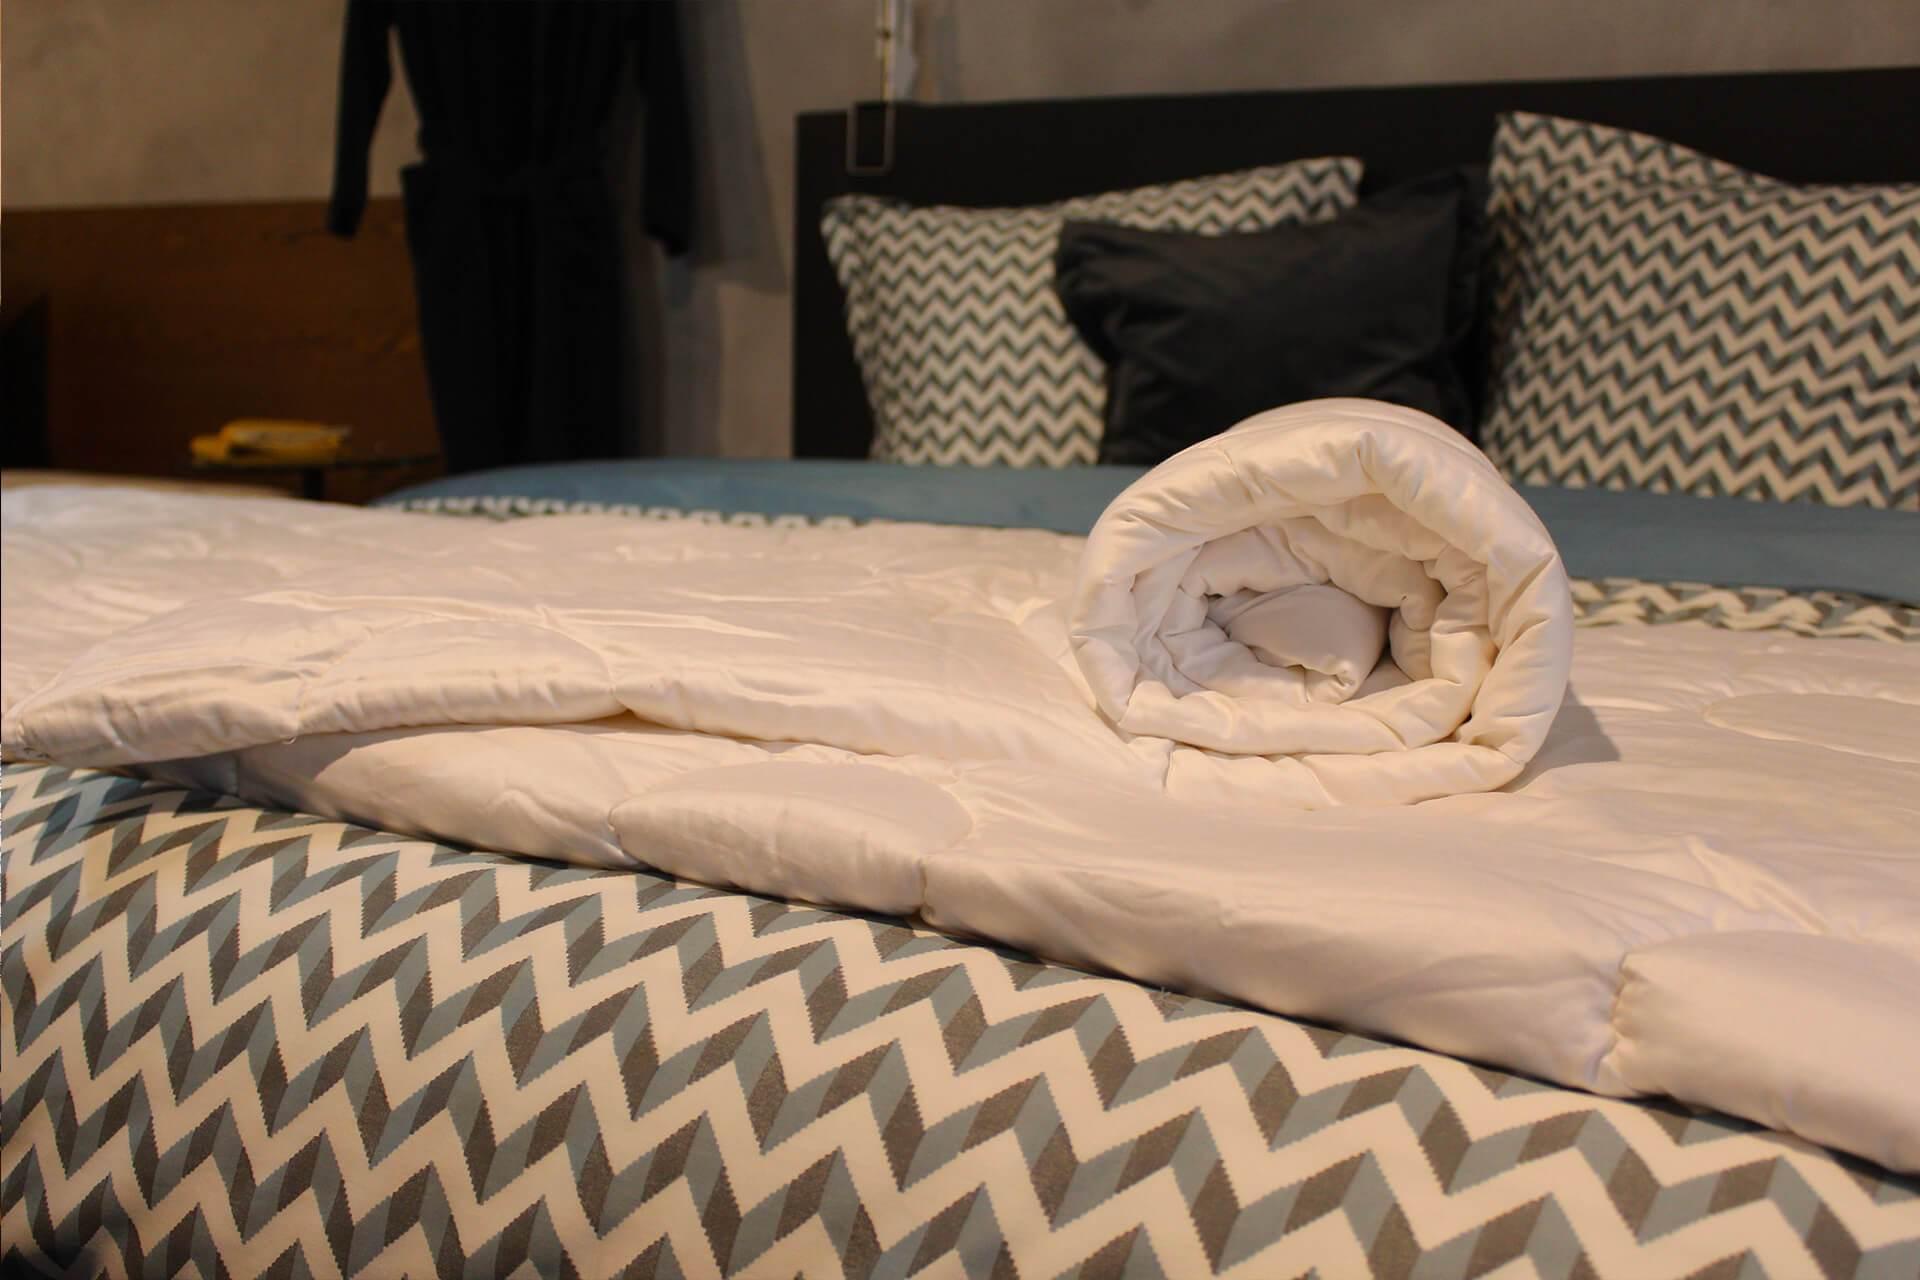 Wollen dekbed 4-Seizoenen | Loiva 100% zuiver scheerwol 140 x 200 cm - Eenpersoons